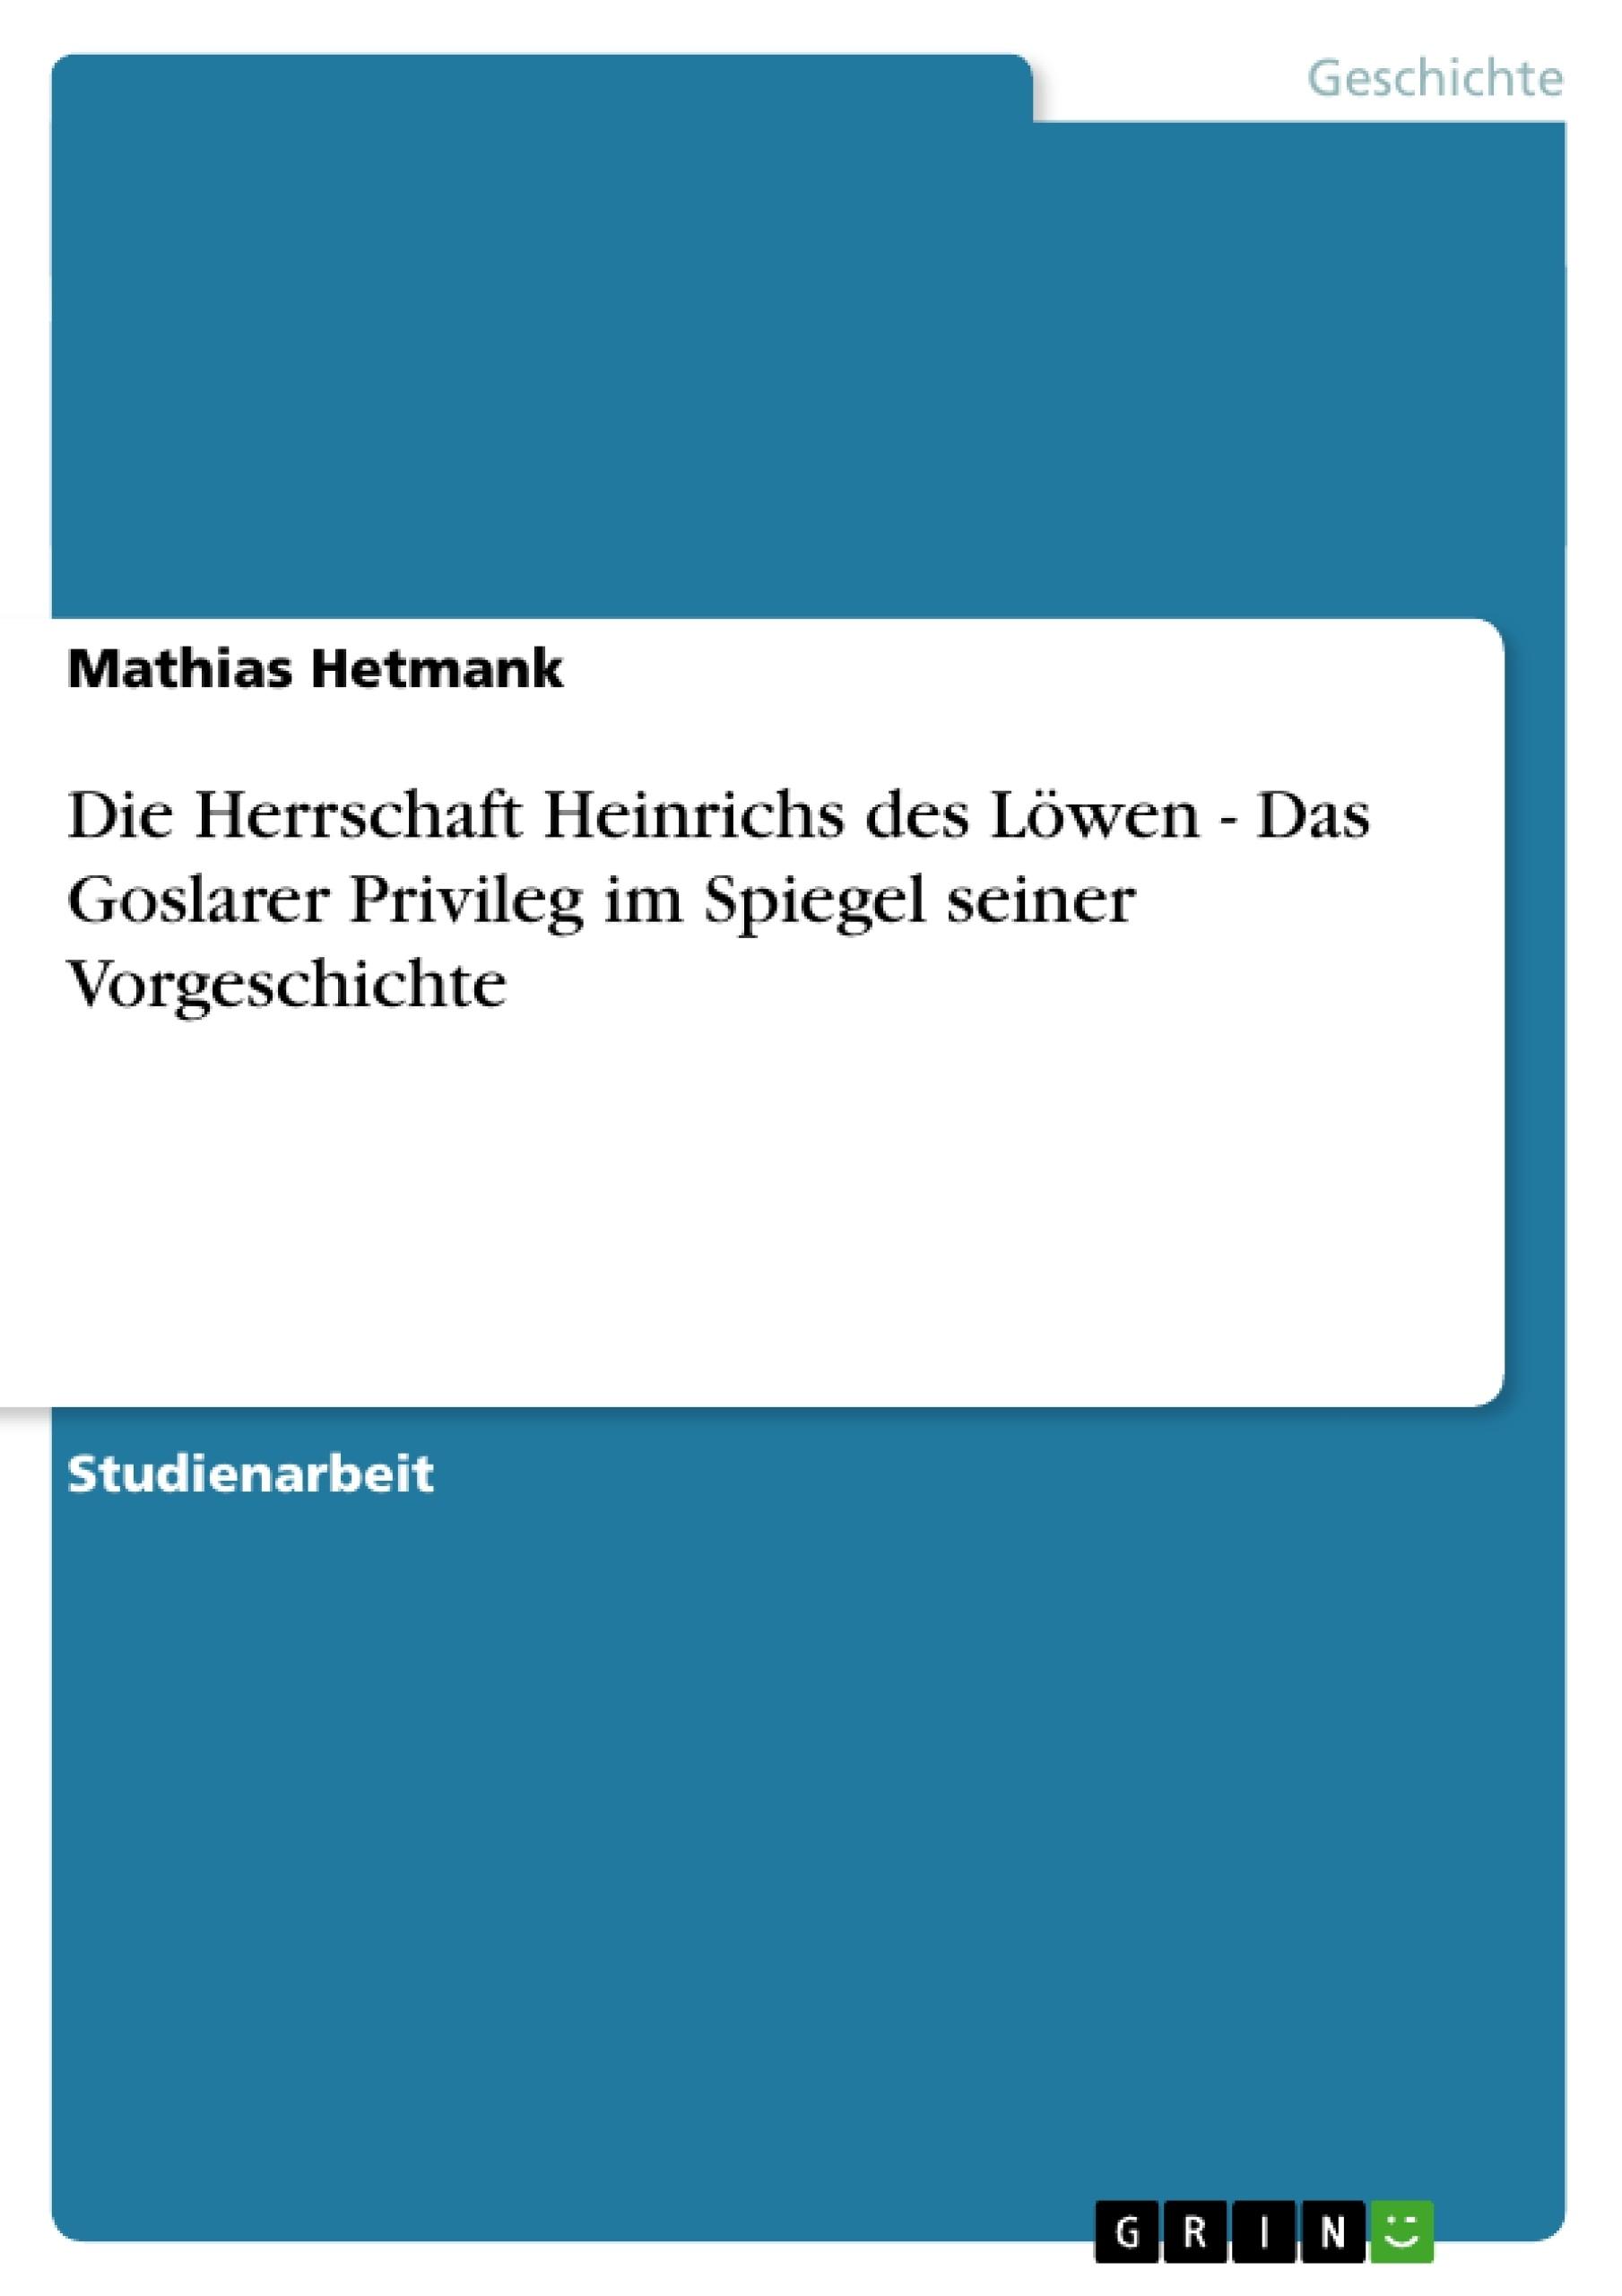 Titel: Die Herrschaft Heinrichs des Löwen - Das Goslarer Privileg im Spiegel seiner Vorgeschichte